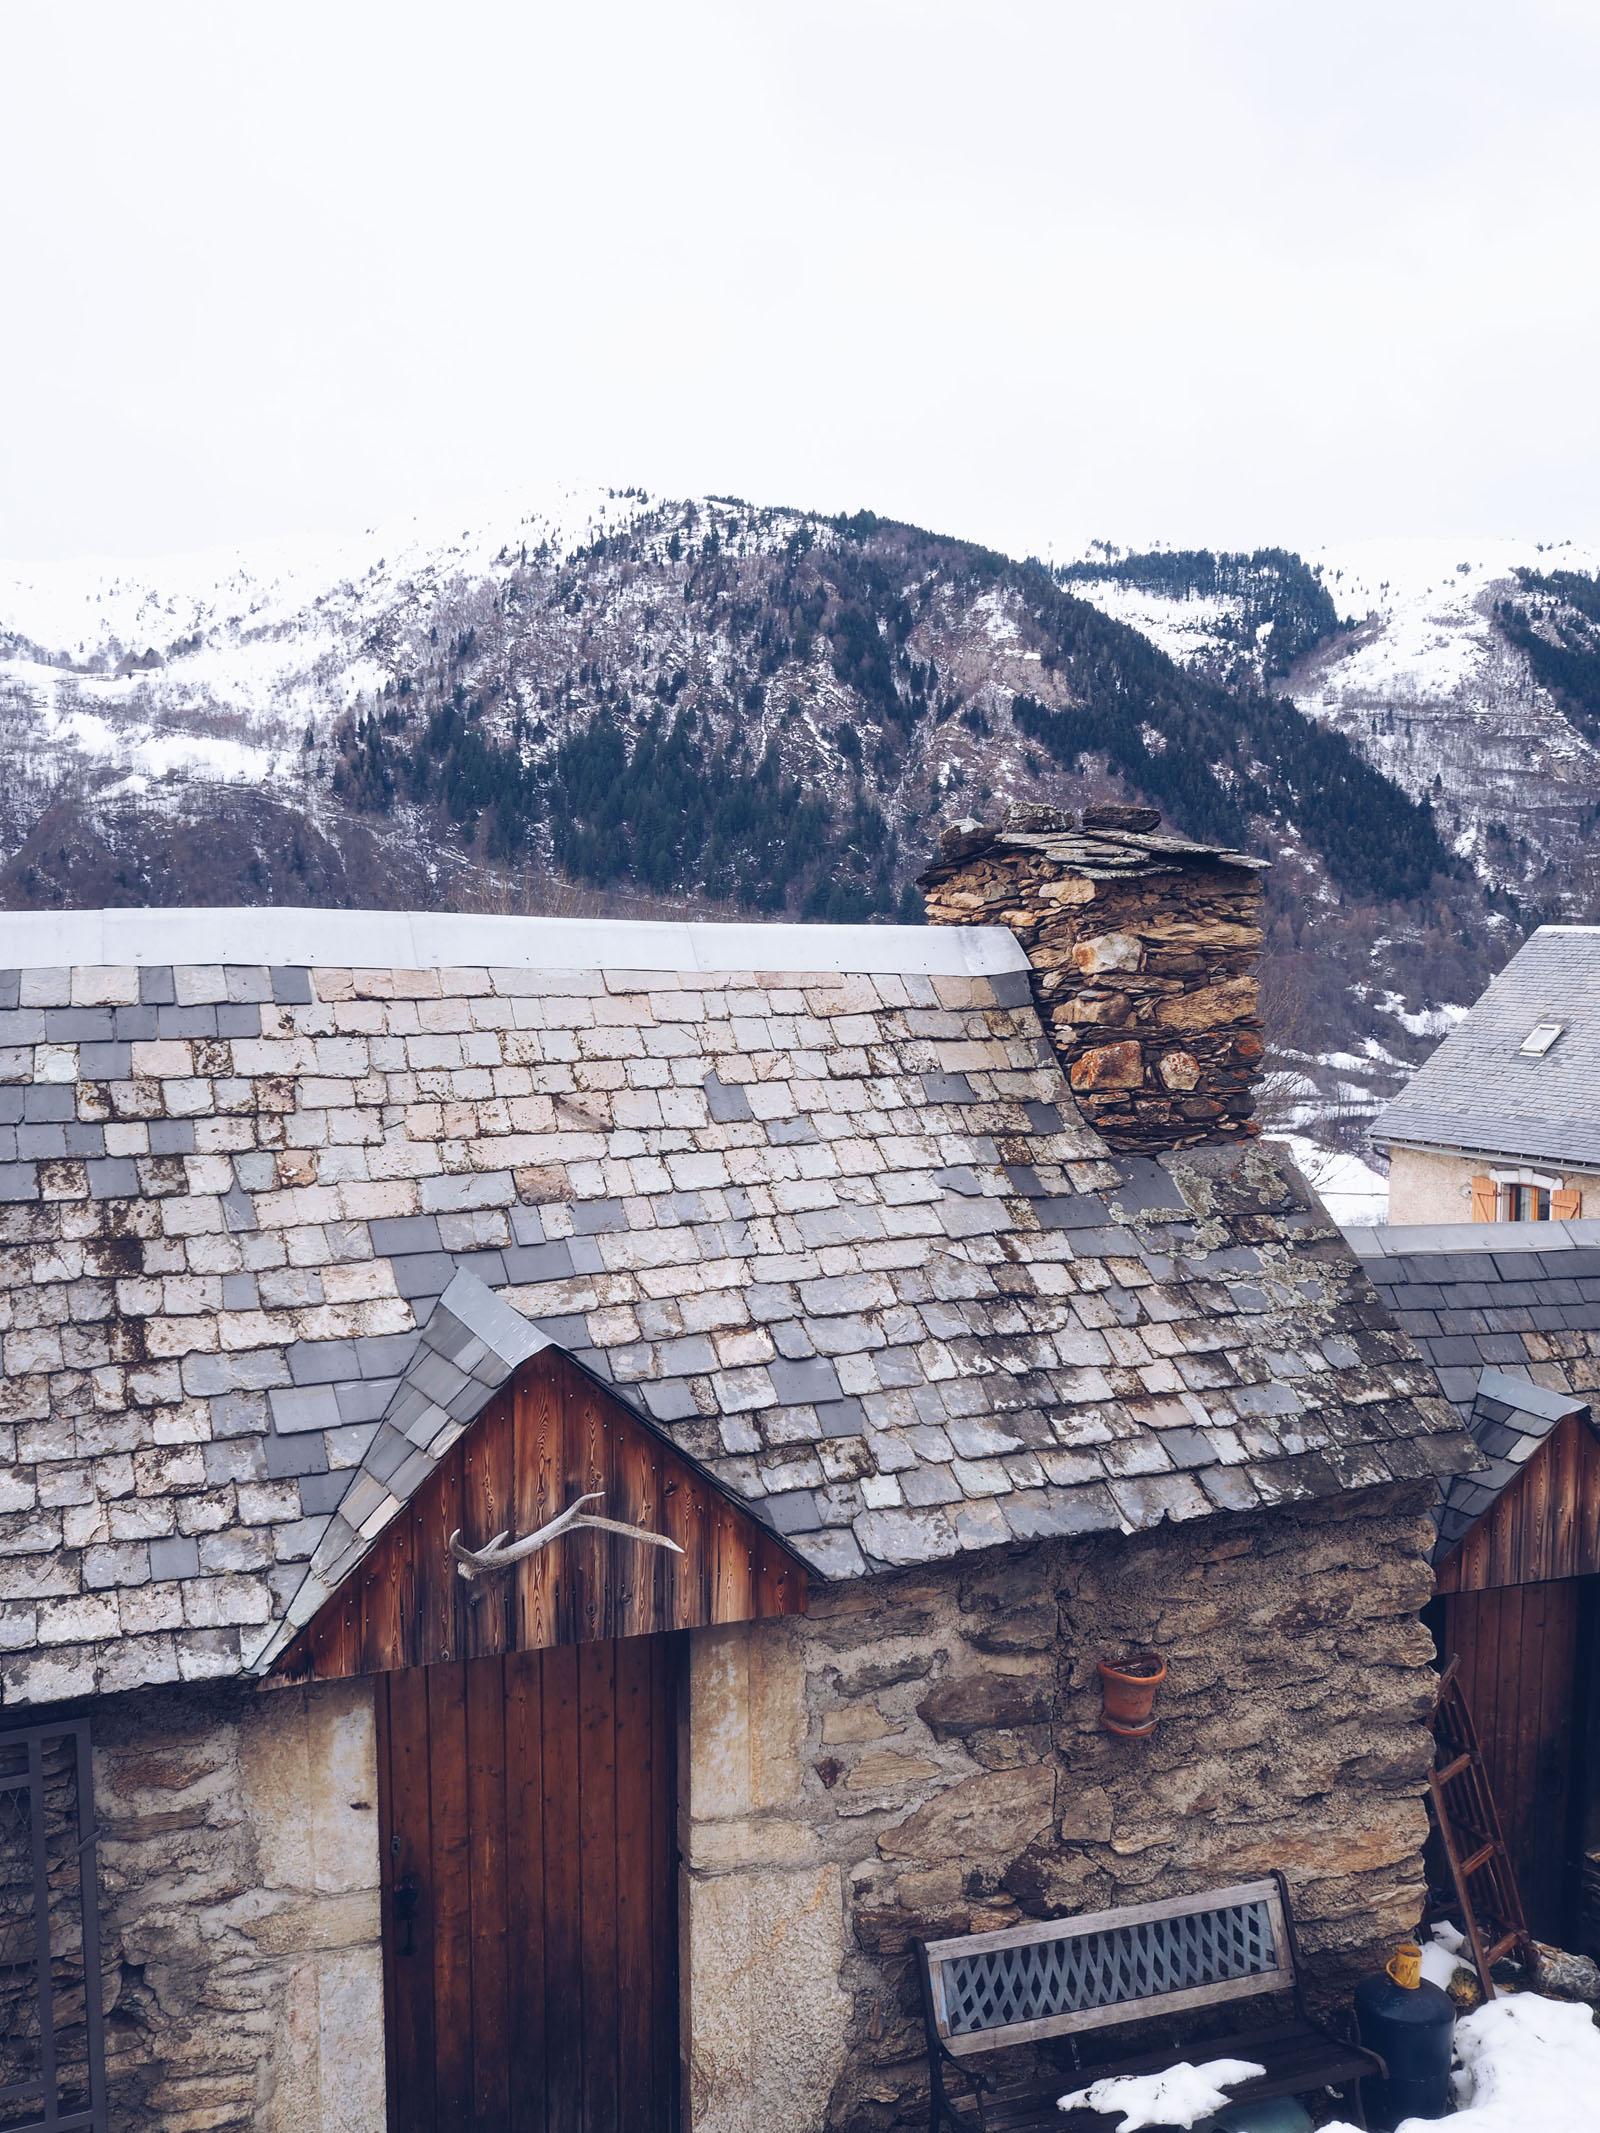 Vacances au ski en famille Hautes Pyrenees bonnes adresses hotel station l La Fiancee du Panda blog mariage et lifestyle-1018113